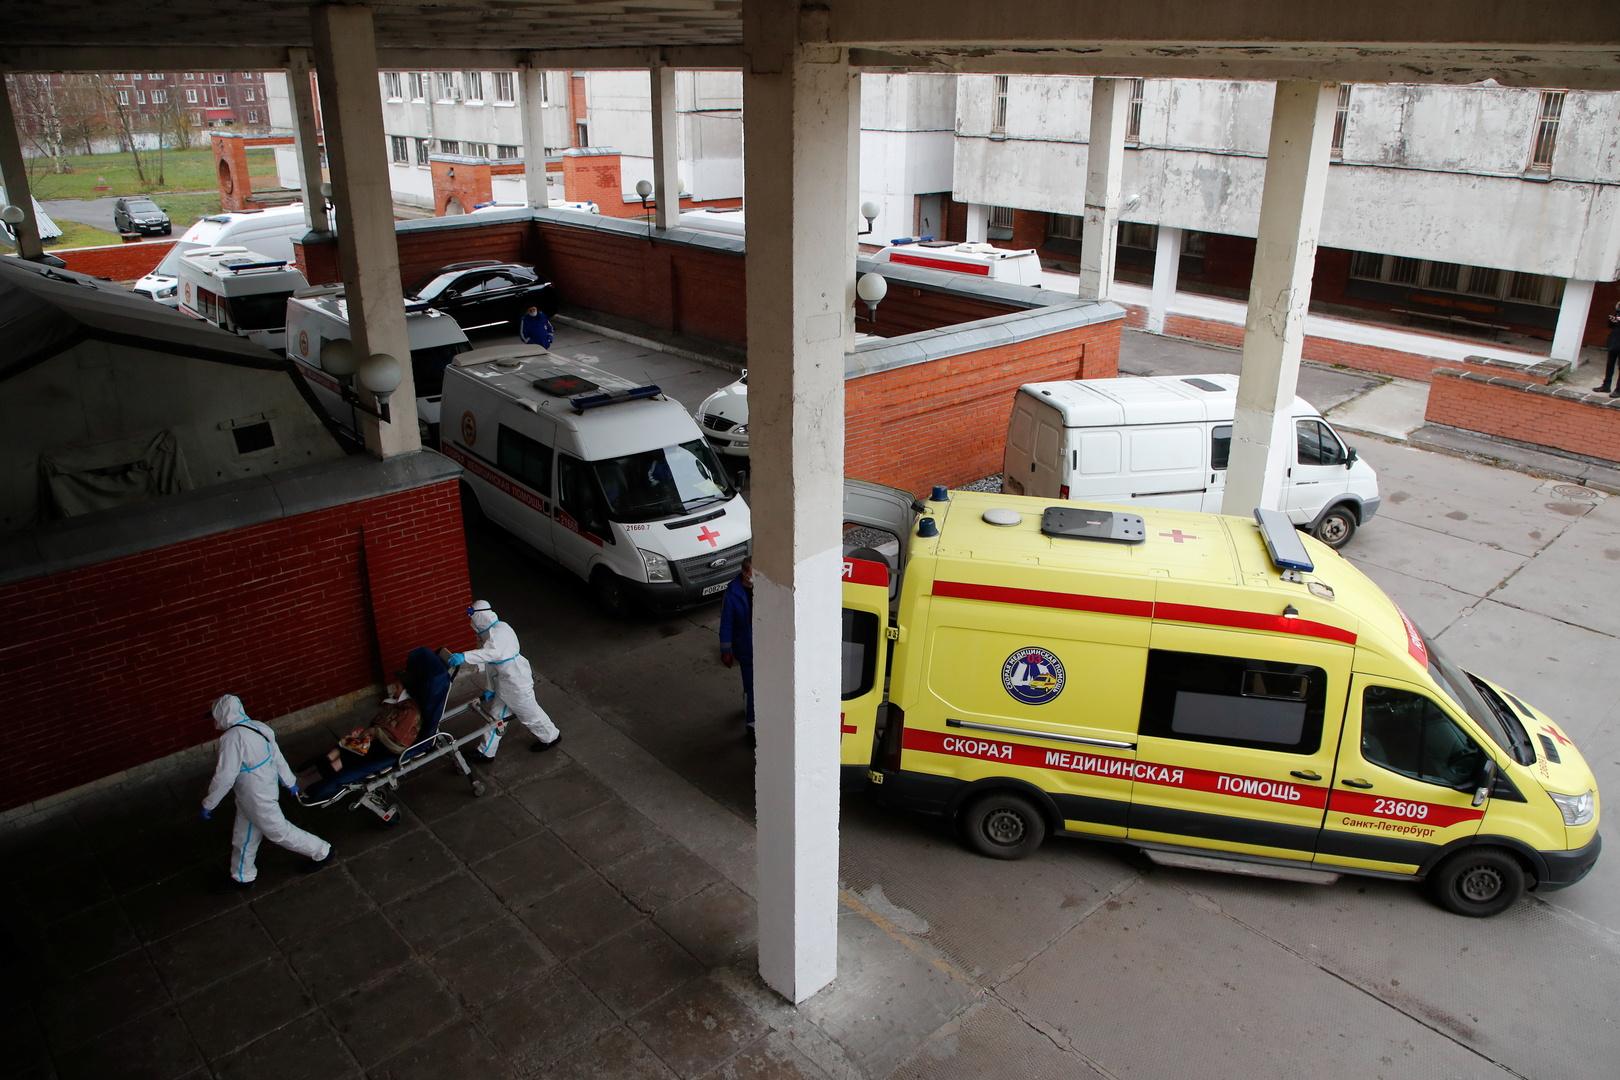 روسيا تسجل 11 ألف إصابة بكورونا خلال 24 ساعة